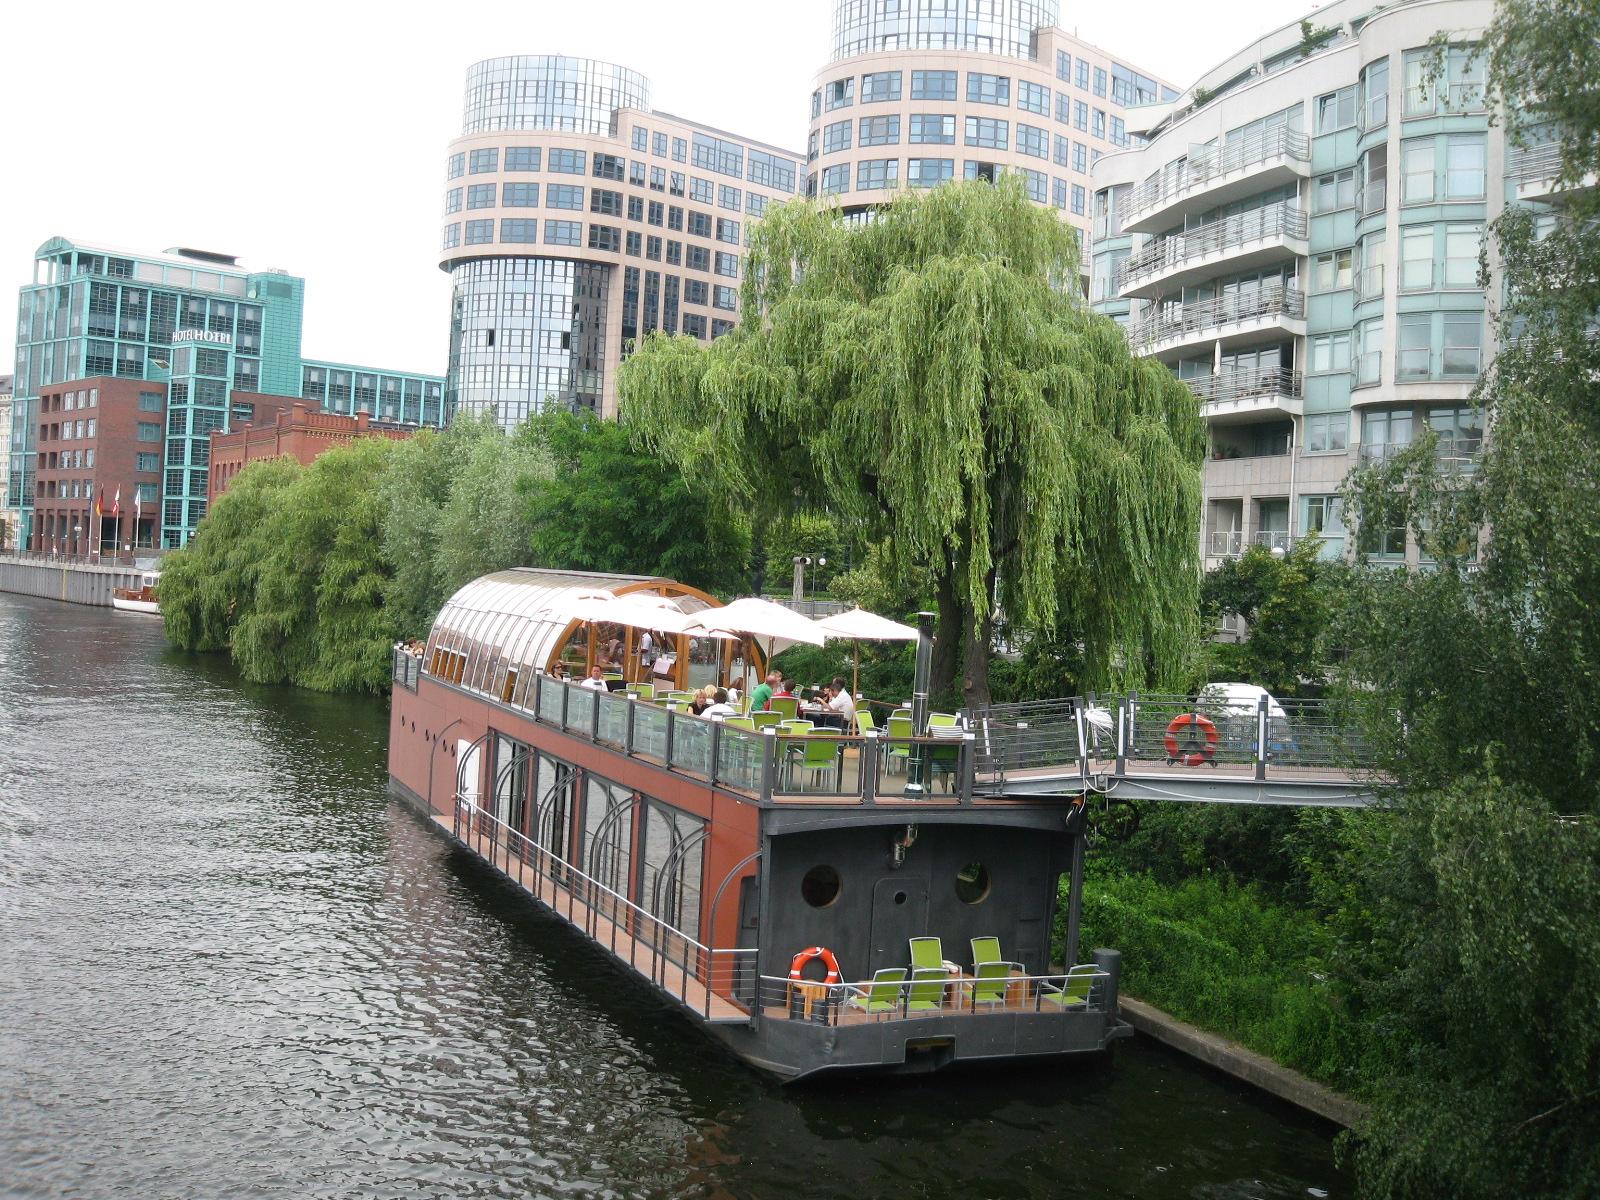 Patio Berlin unsere rondogard referenz in berlin tiergarten tonn bauelemente